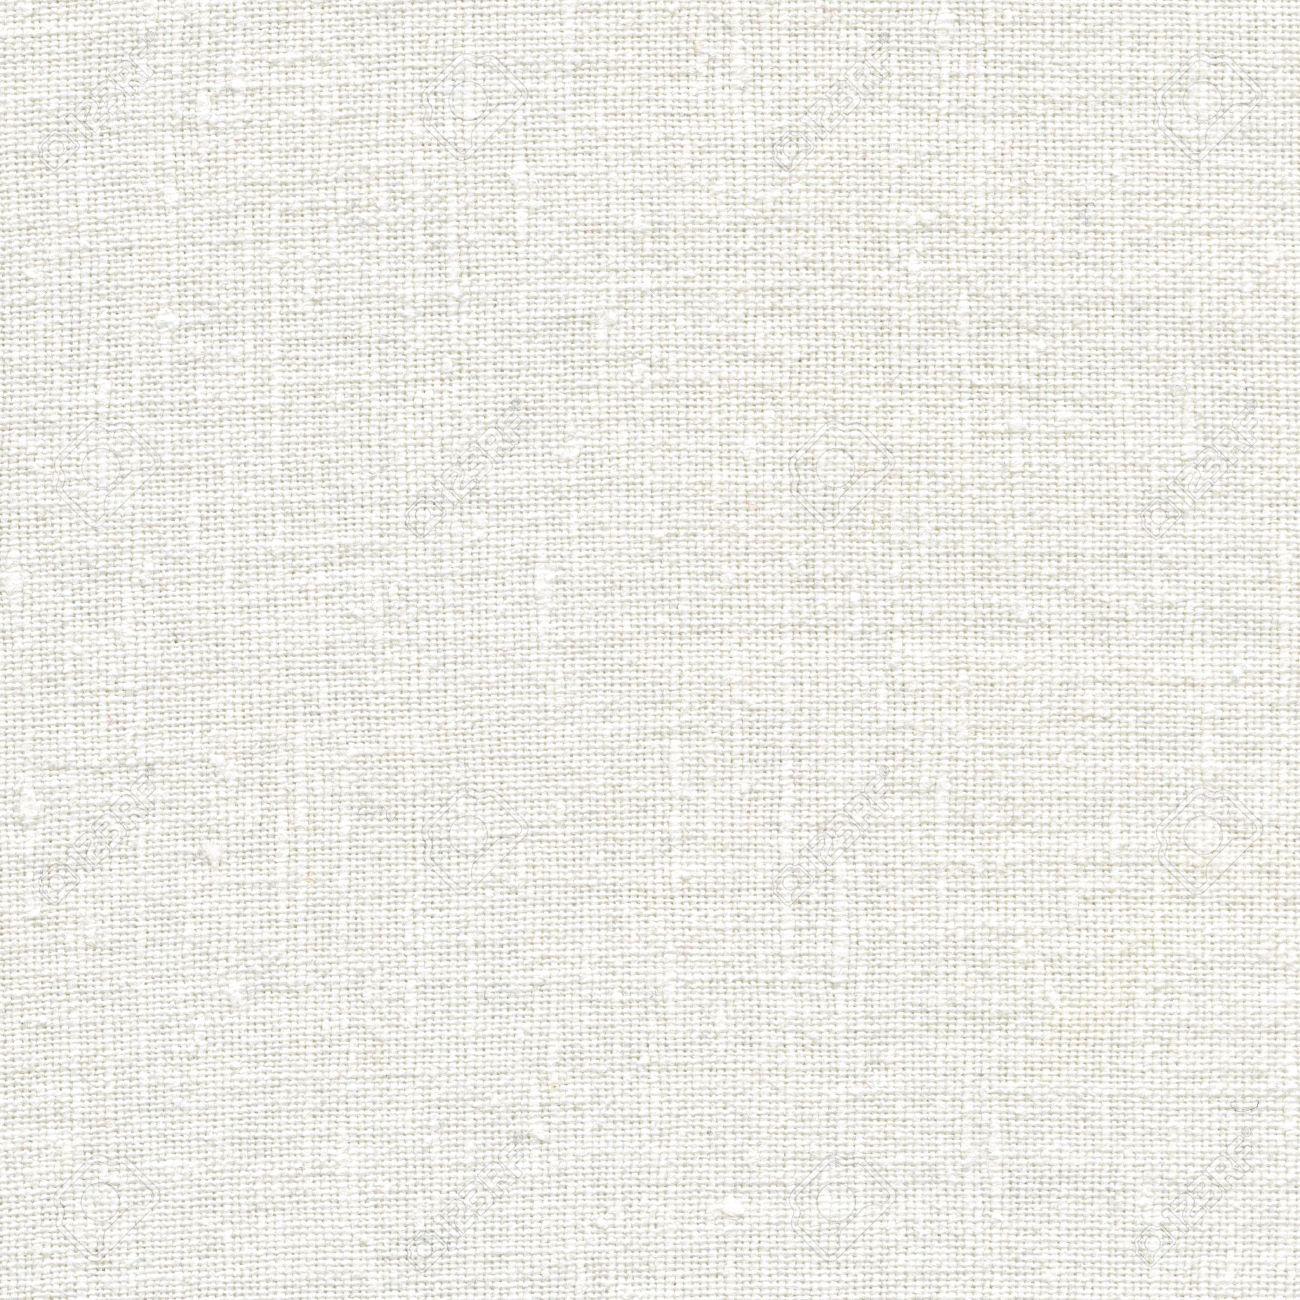 White canvas texture Stock Photo - 14396781